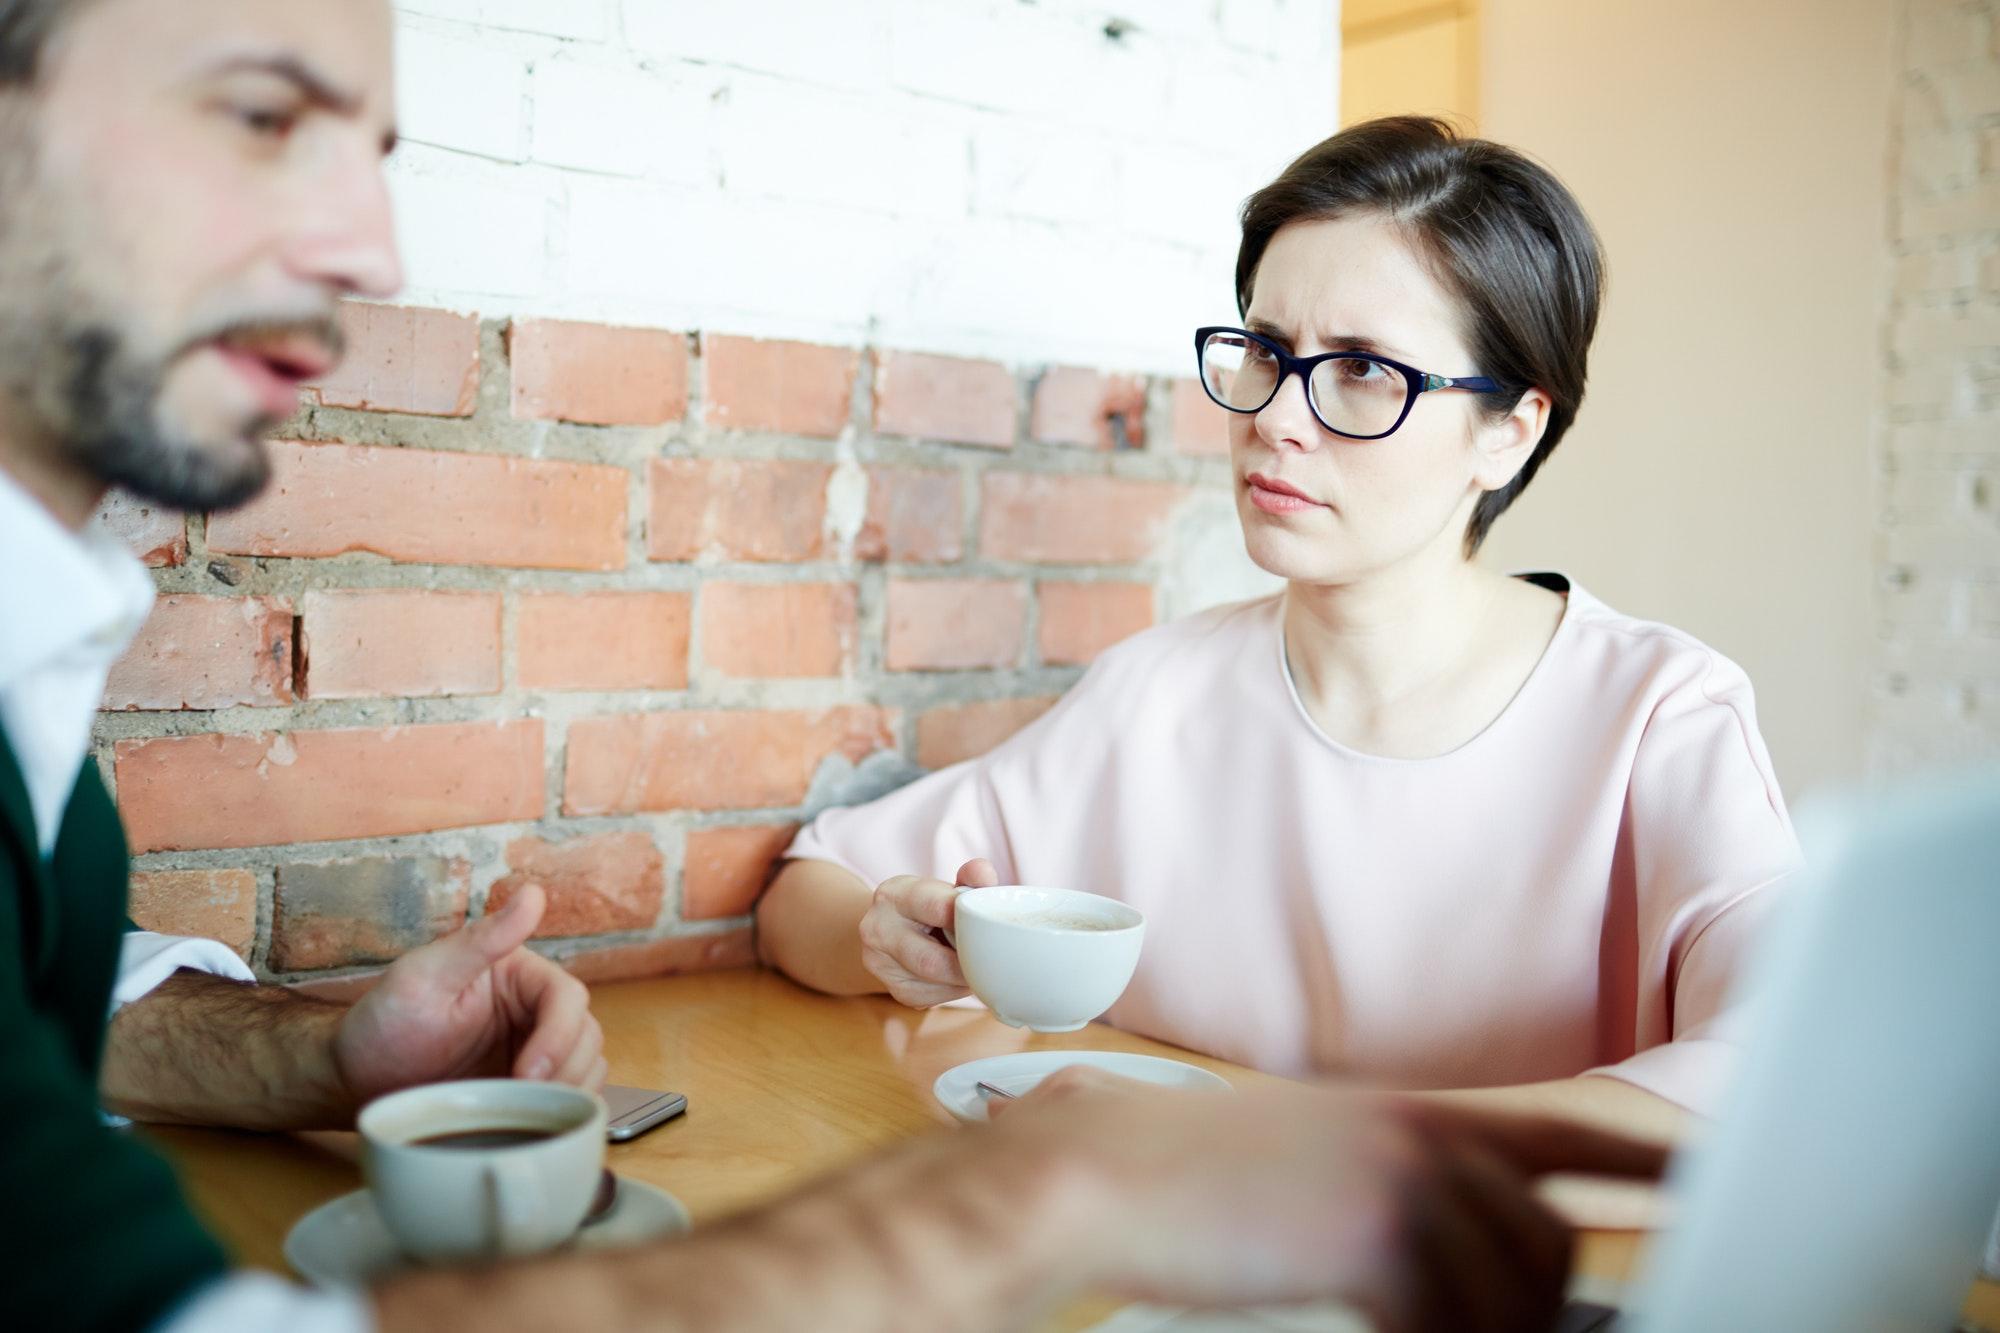 Comment rassurer une femme qui doute